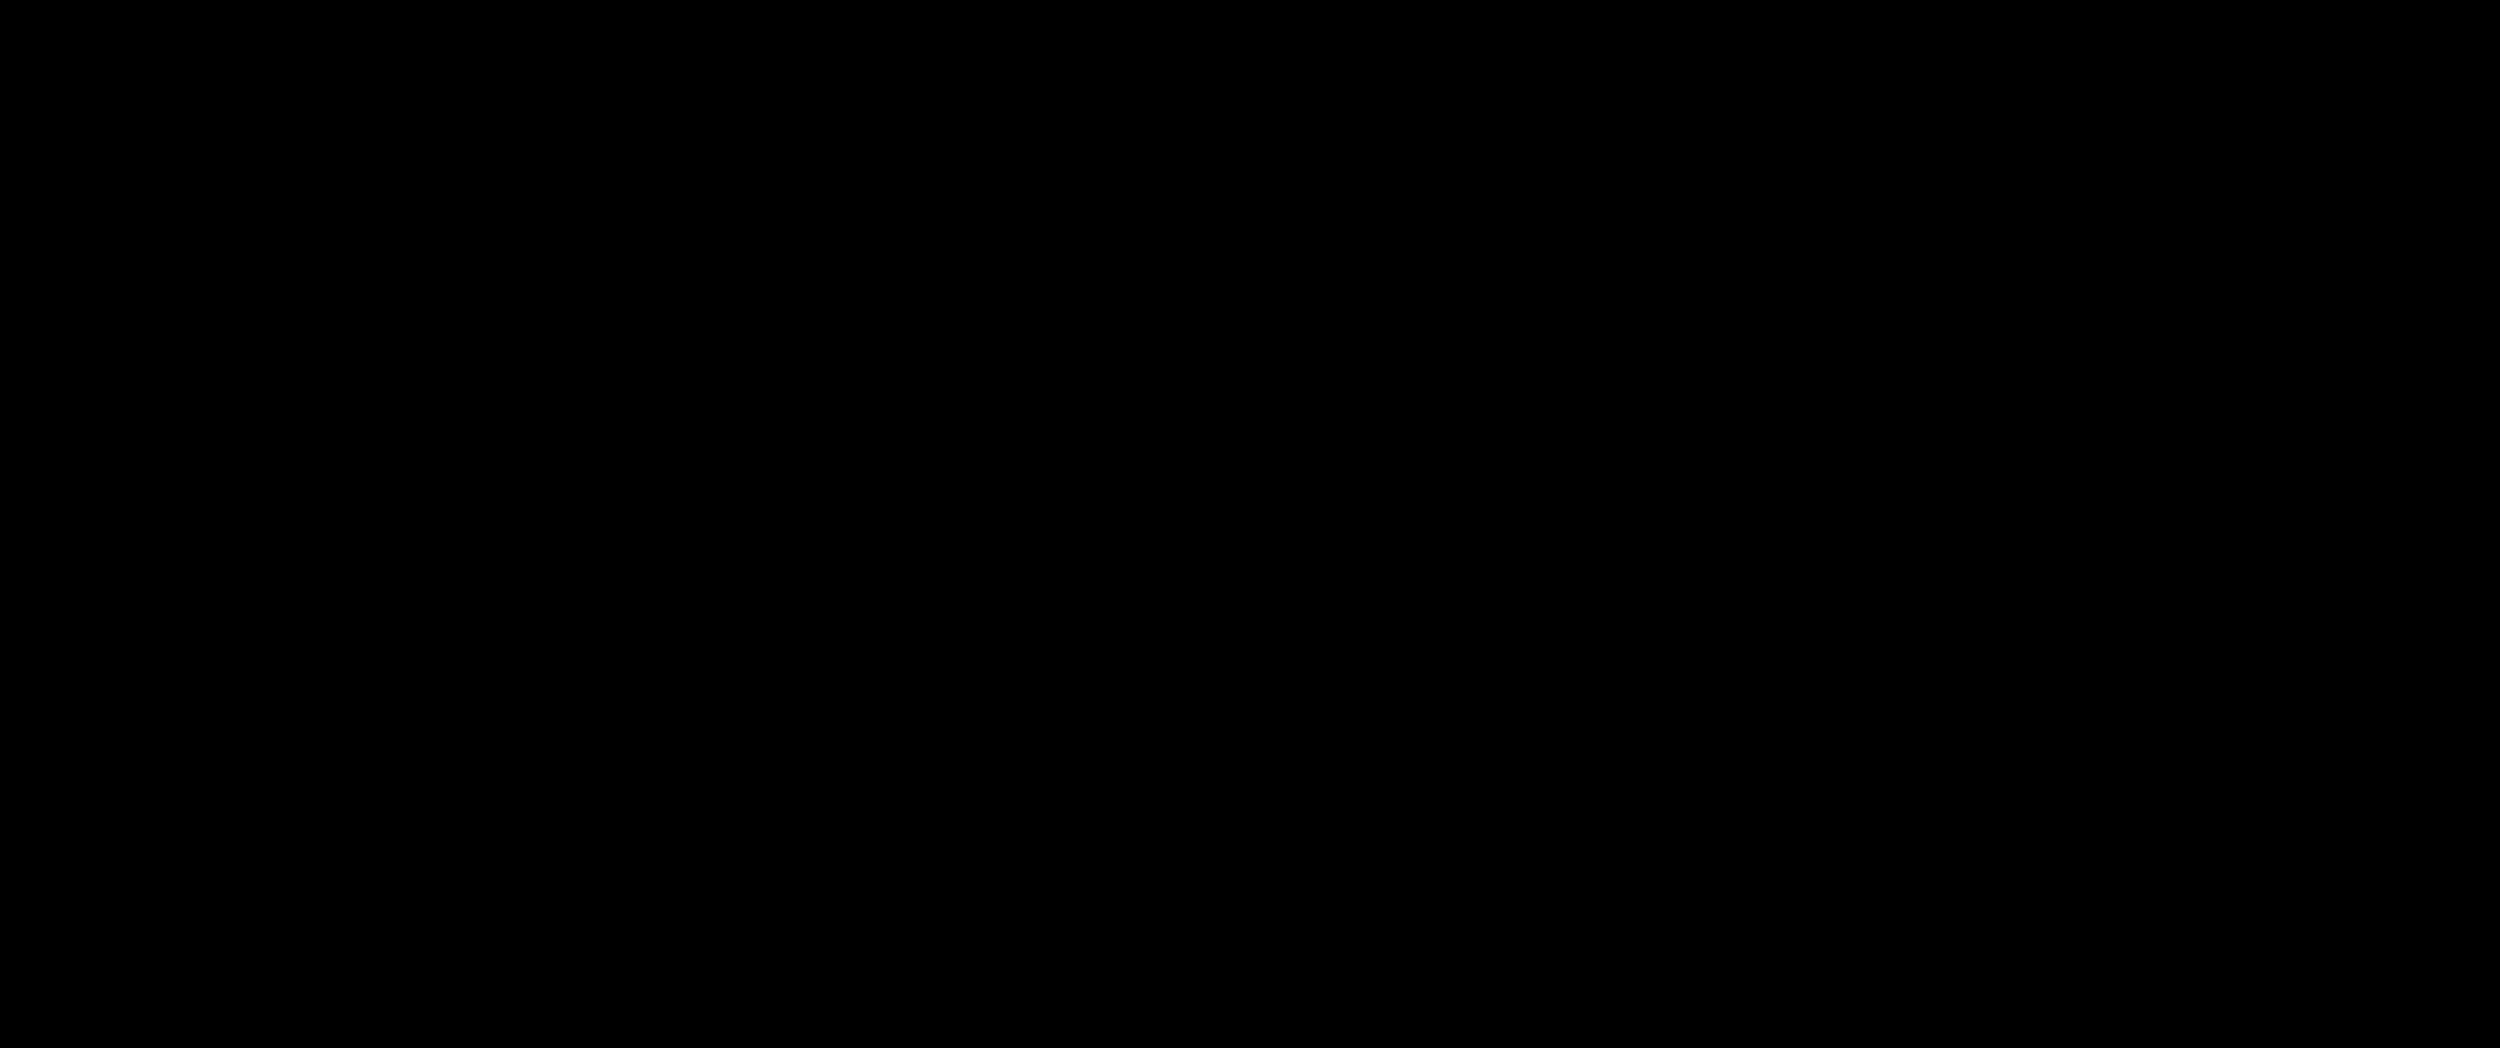 Logo_Urbania_blk.png